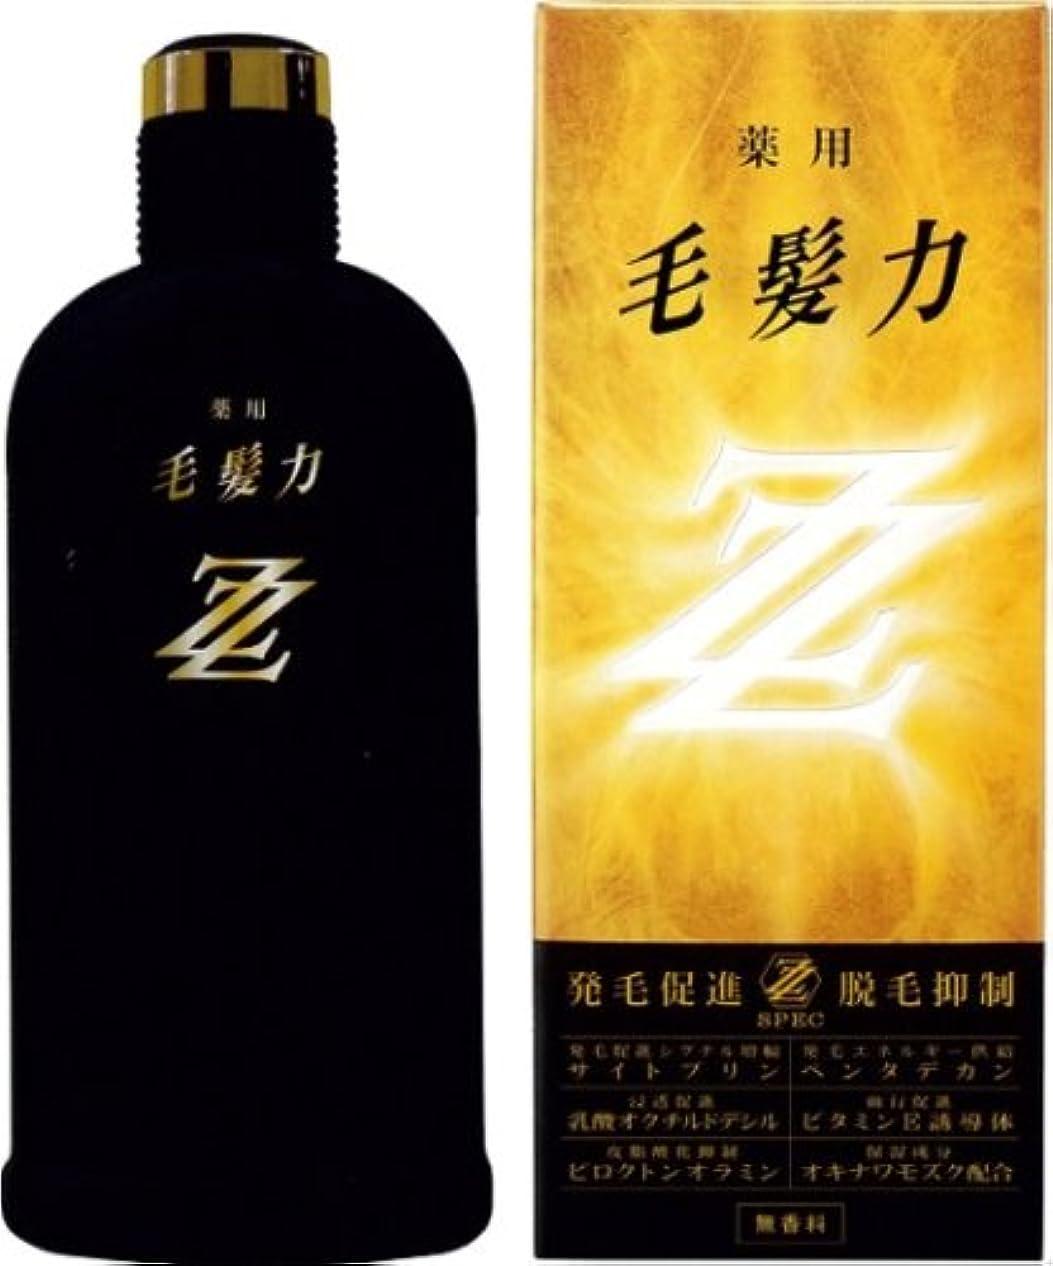 電球仲間やる薬用毛髪力ZZ(ダブルジー) 育毛剤 200ml(医薬部外品)